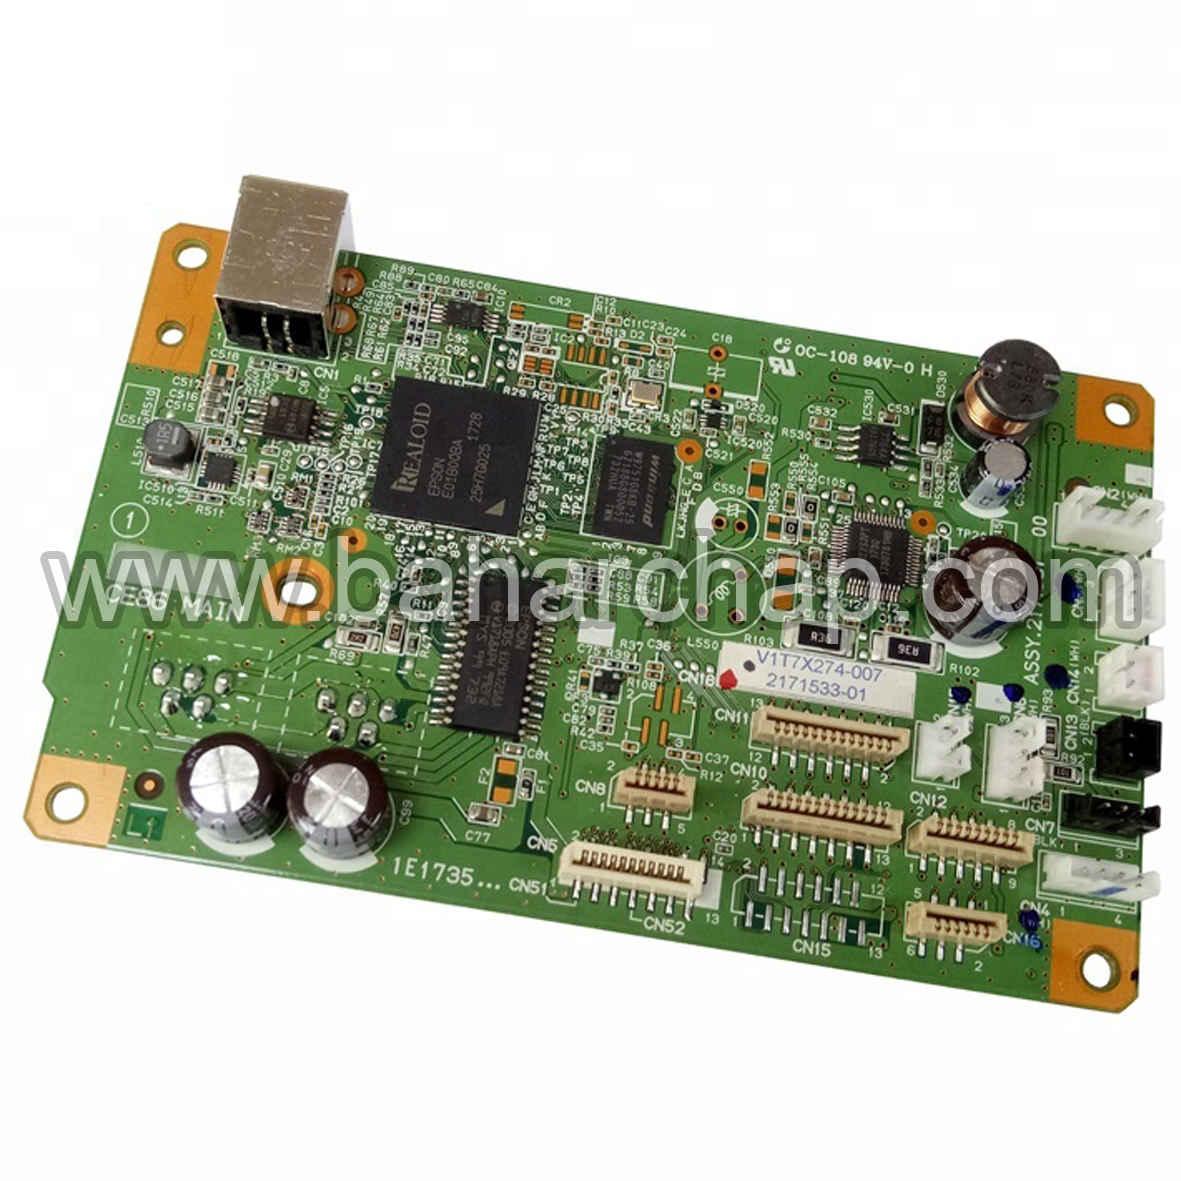 فروشگاه و خدمات اینترنتی بهارچاپ اصفهان-برد فرمتر اپسون L805-FORMATTER BOARD FOR EPSON L805